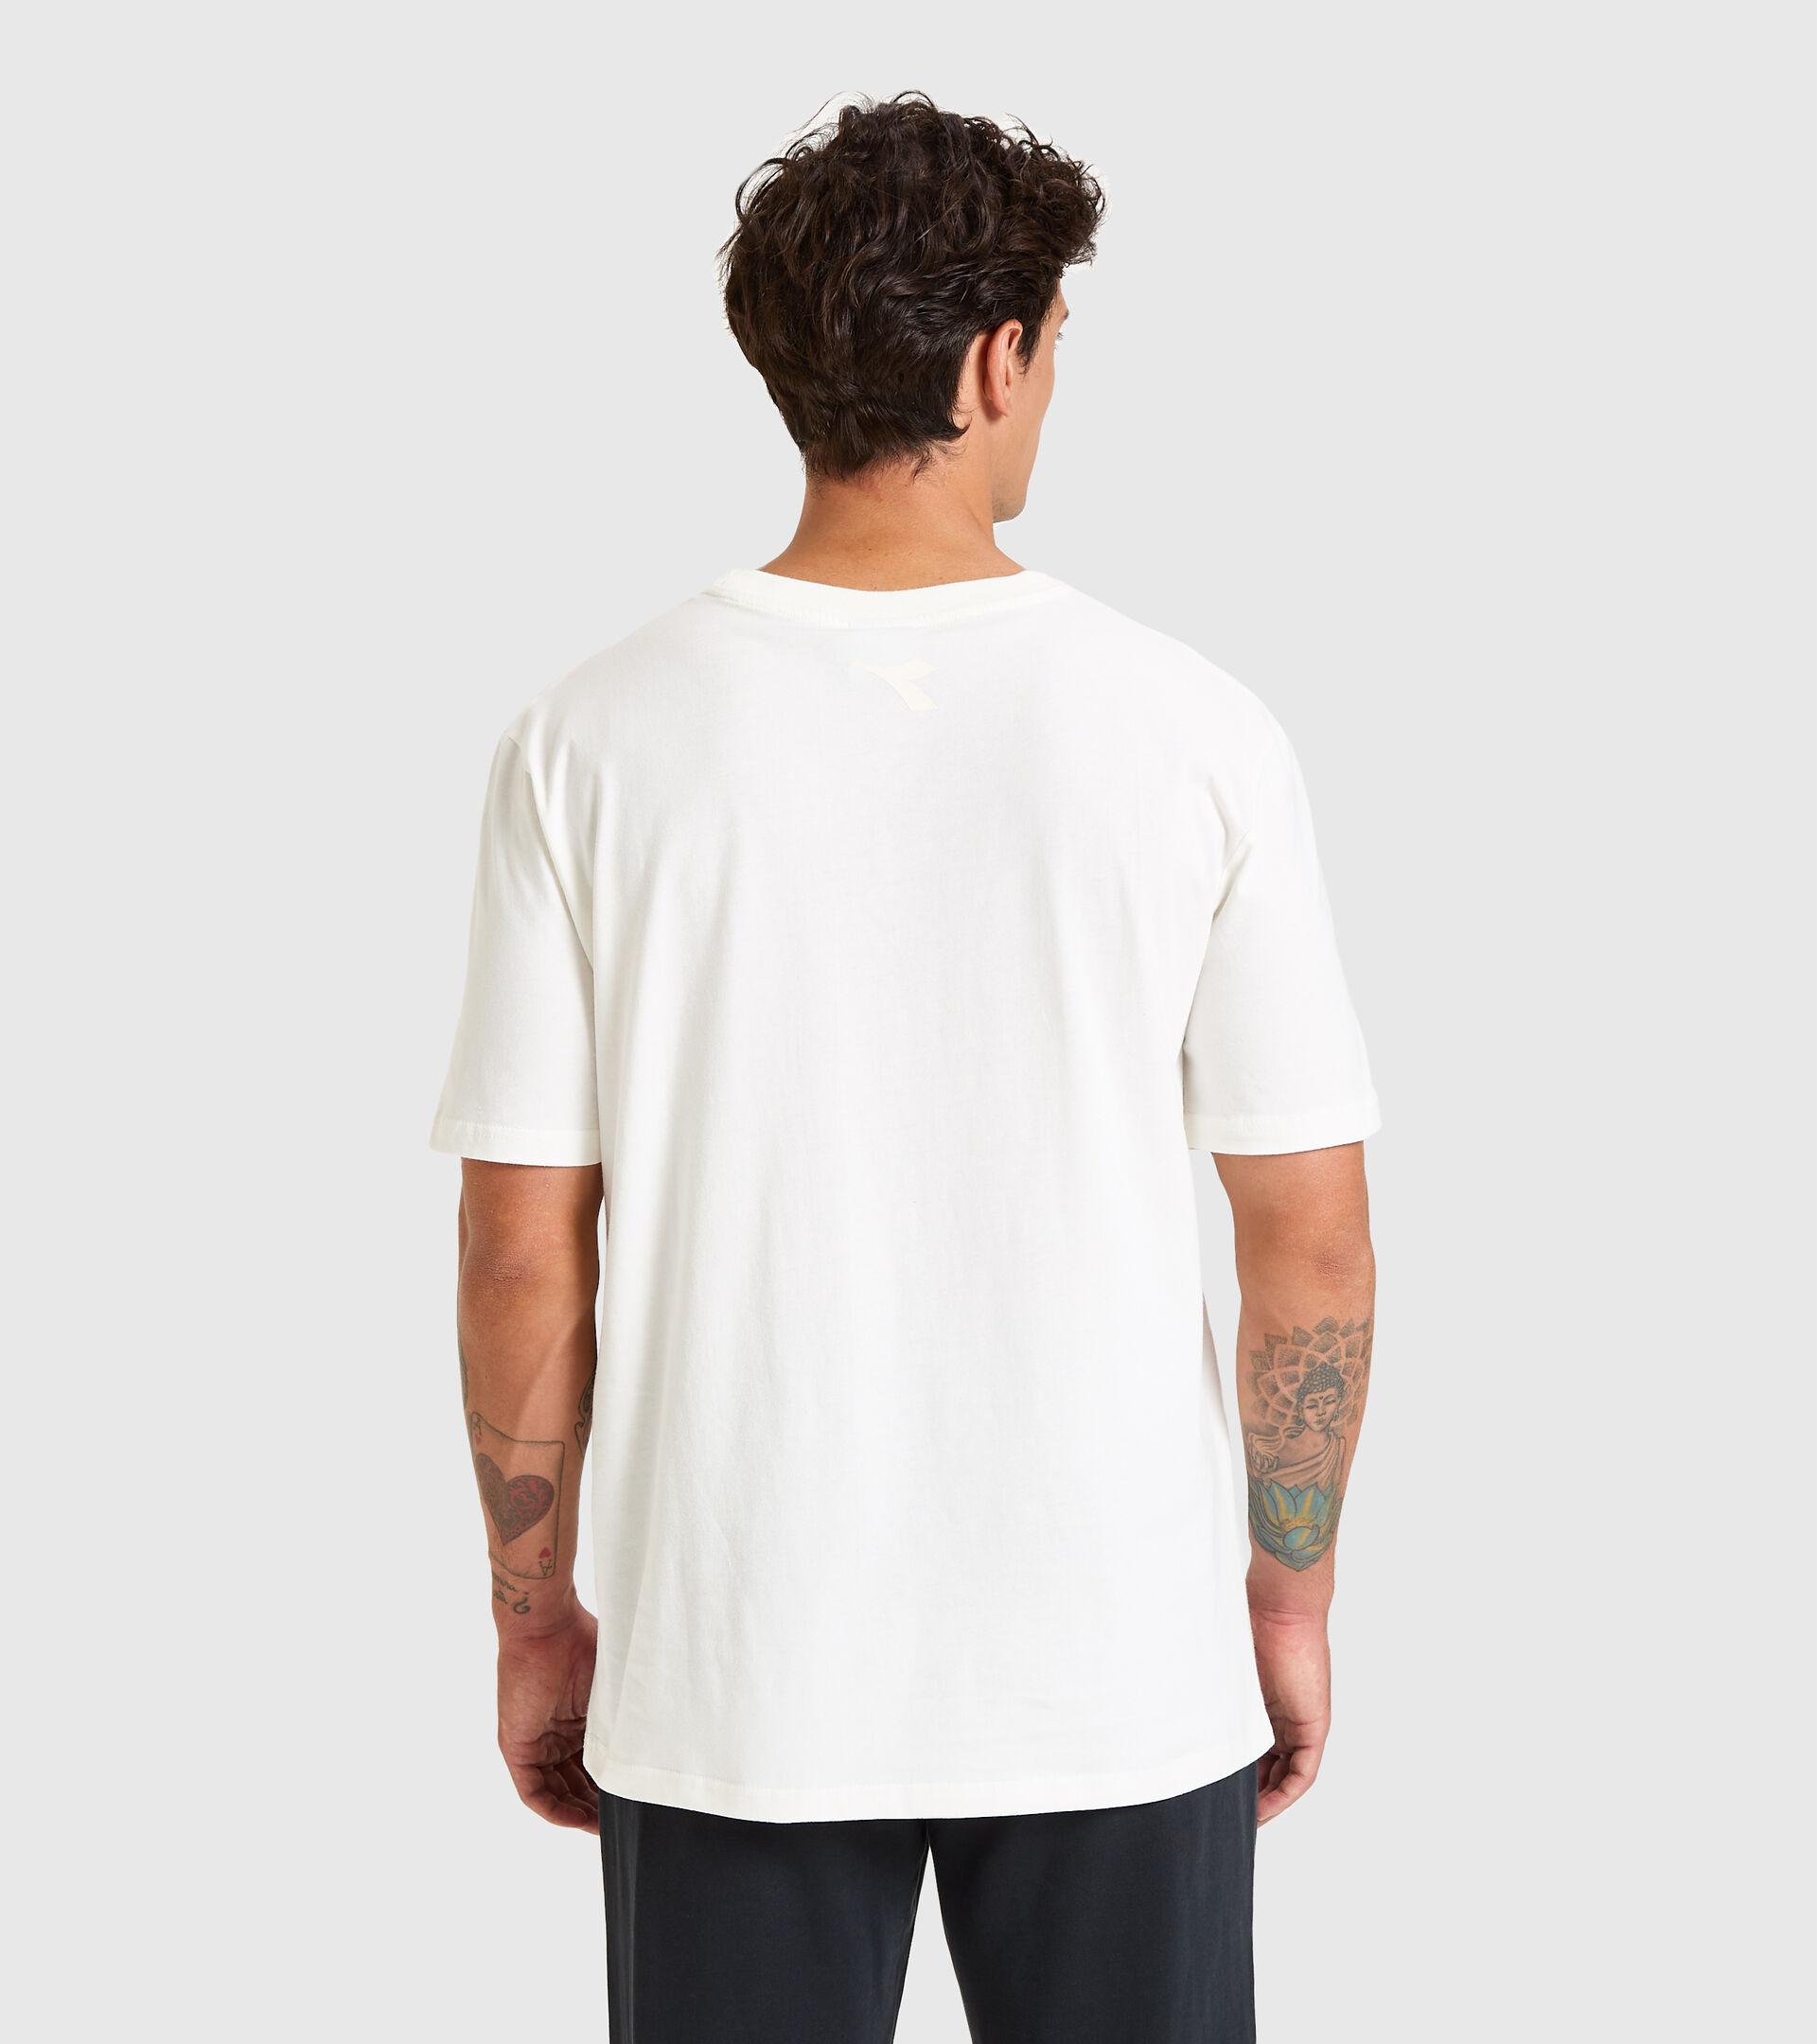 T-Shirt - Unisex T-SHIRT SS DIADORA HD MARSHMALLOW WEISS - Diadora